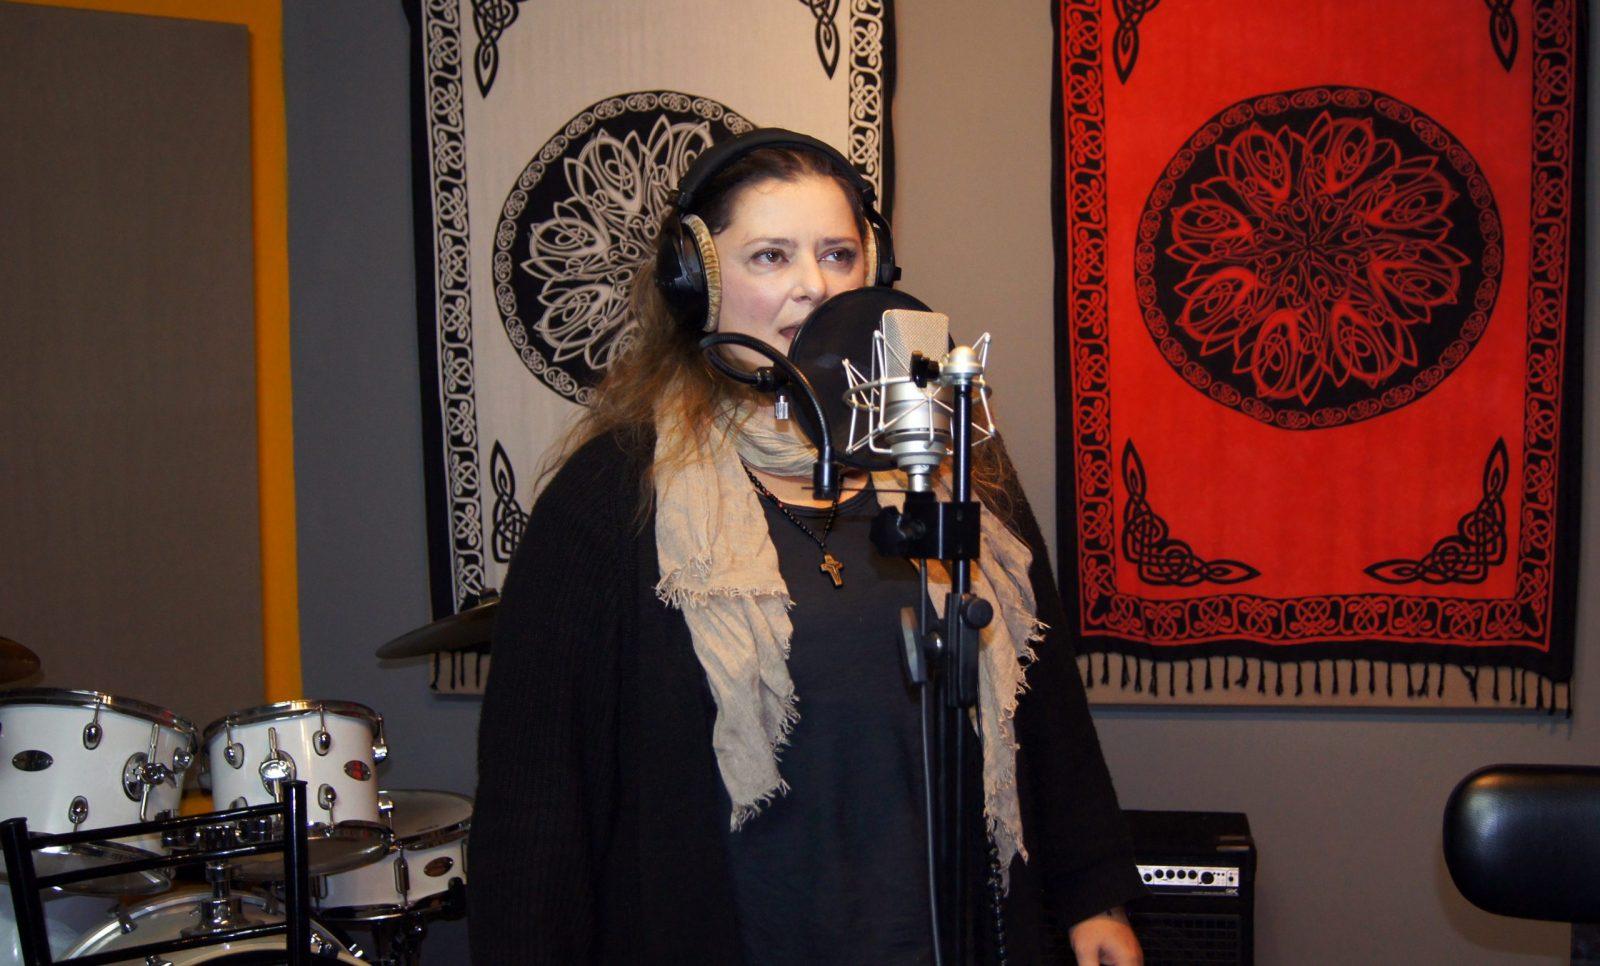 Η Δόμνα Κουντούρη στο στούντιο ηχογράφησης